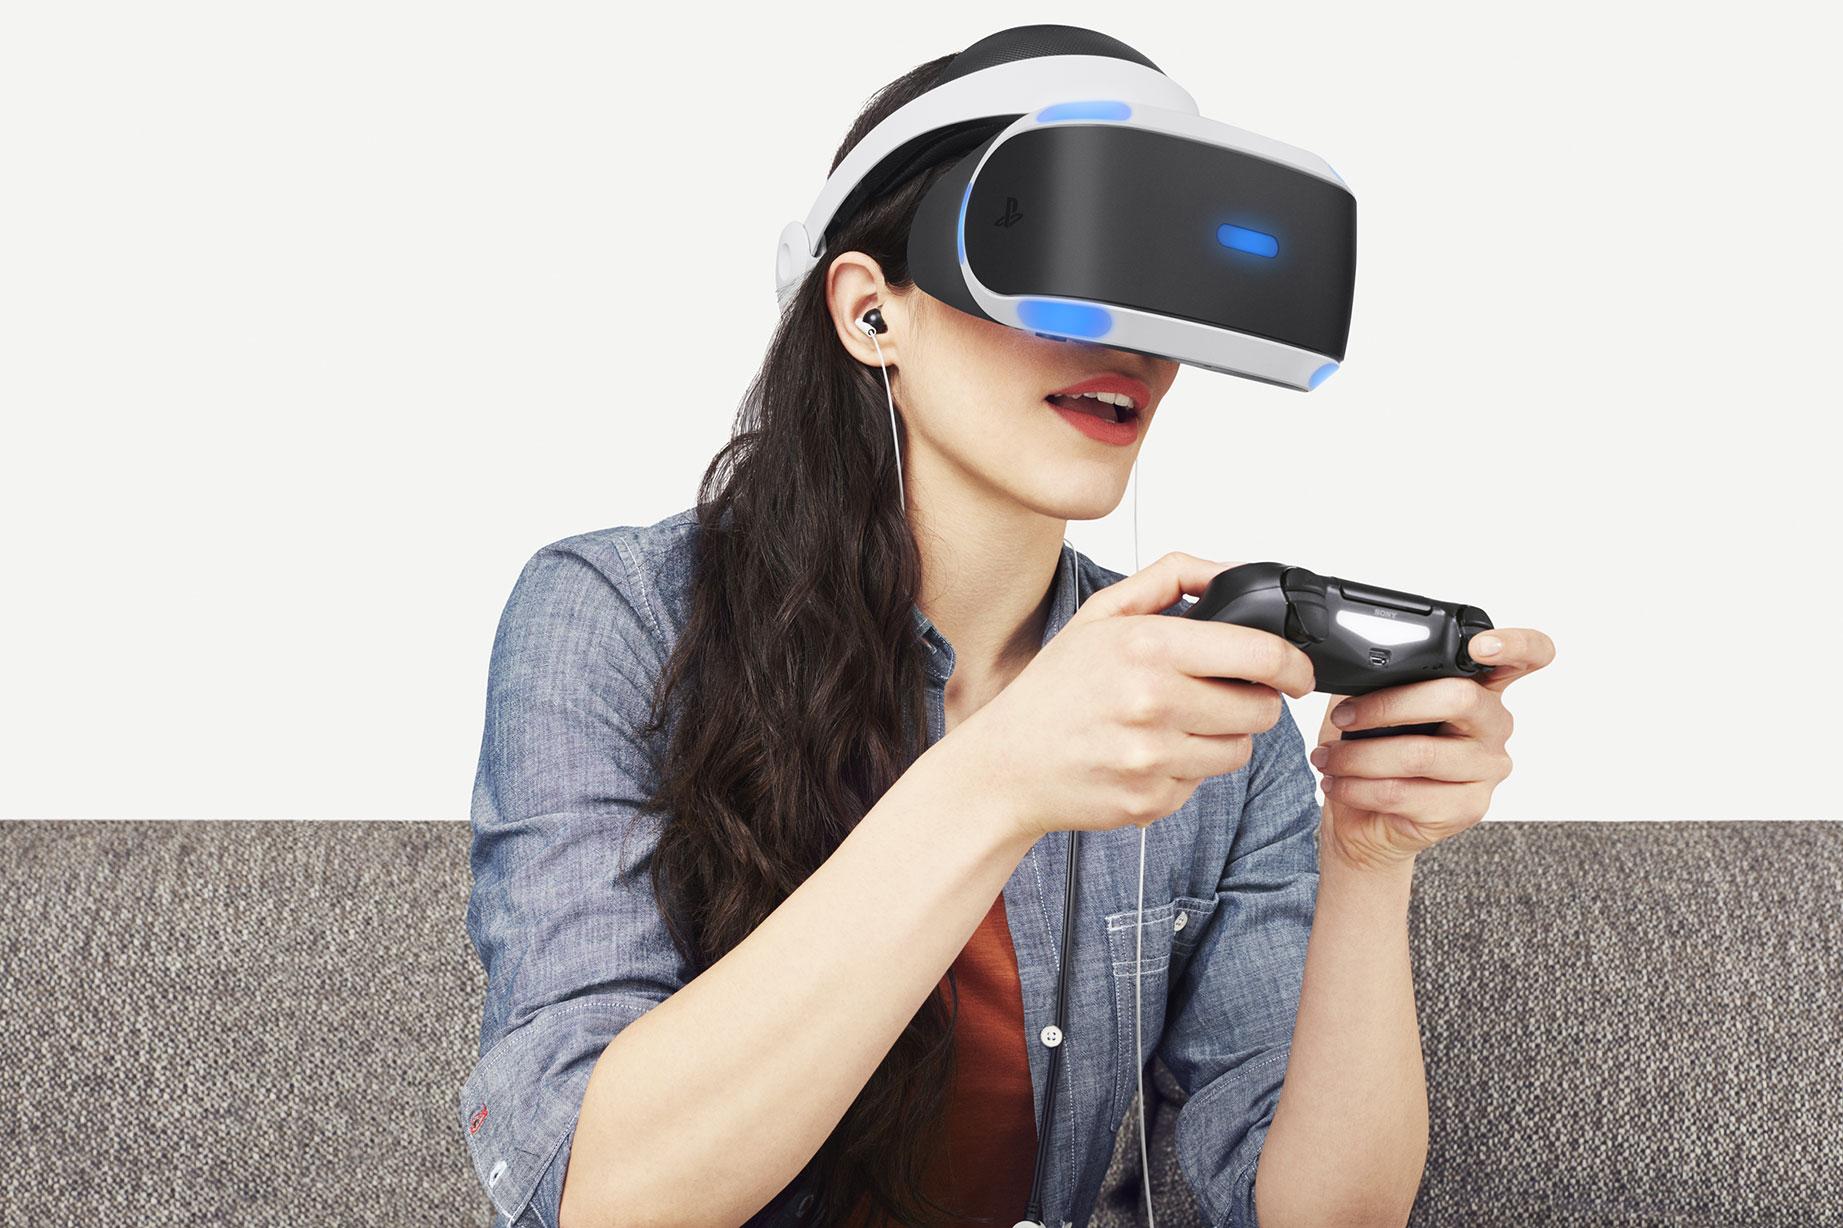 """Nicht jeder macht beim Spiel mit PlayStation VR so eine gute und vor allem gesunde Figur: Manche Gamer leiden schon nach kurzer Spielzeit an Schwindelgefühlen und Übelkeit - der """"VR-Krankheit""""."""